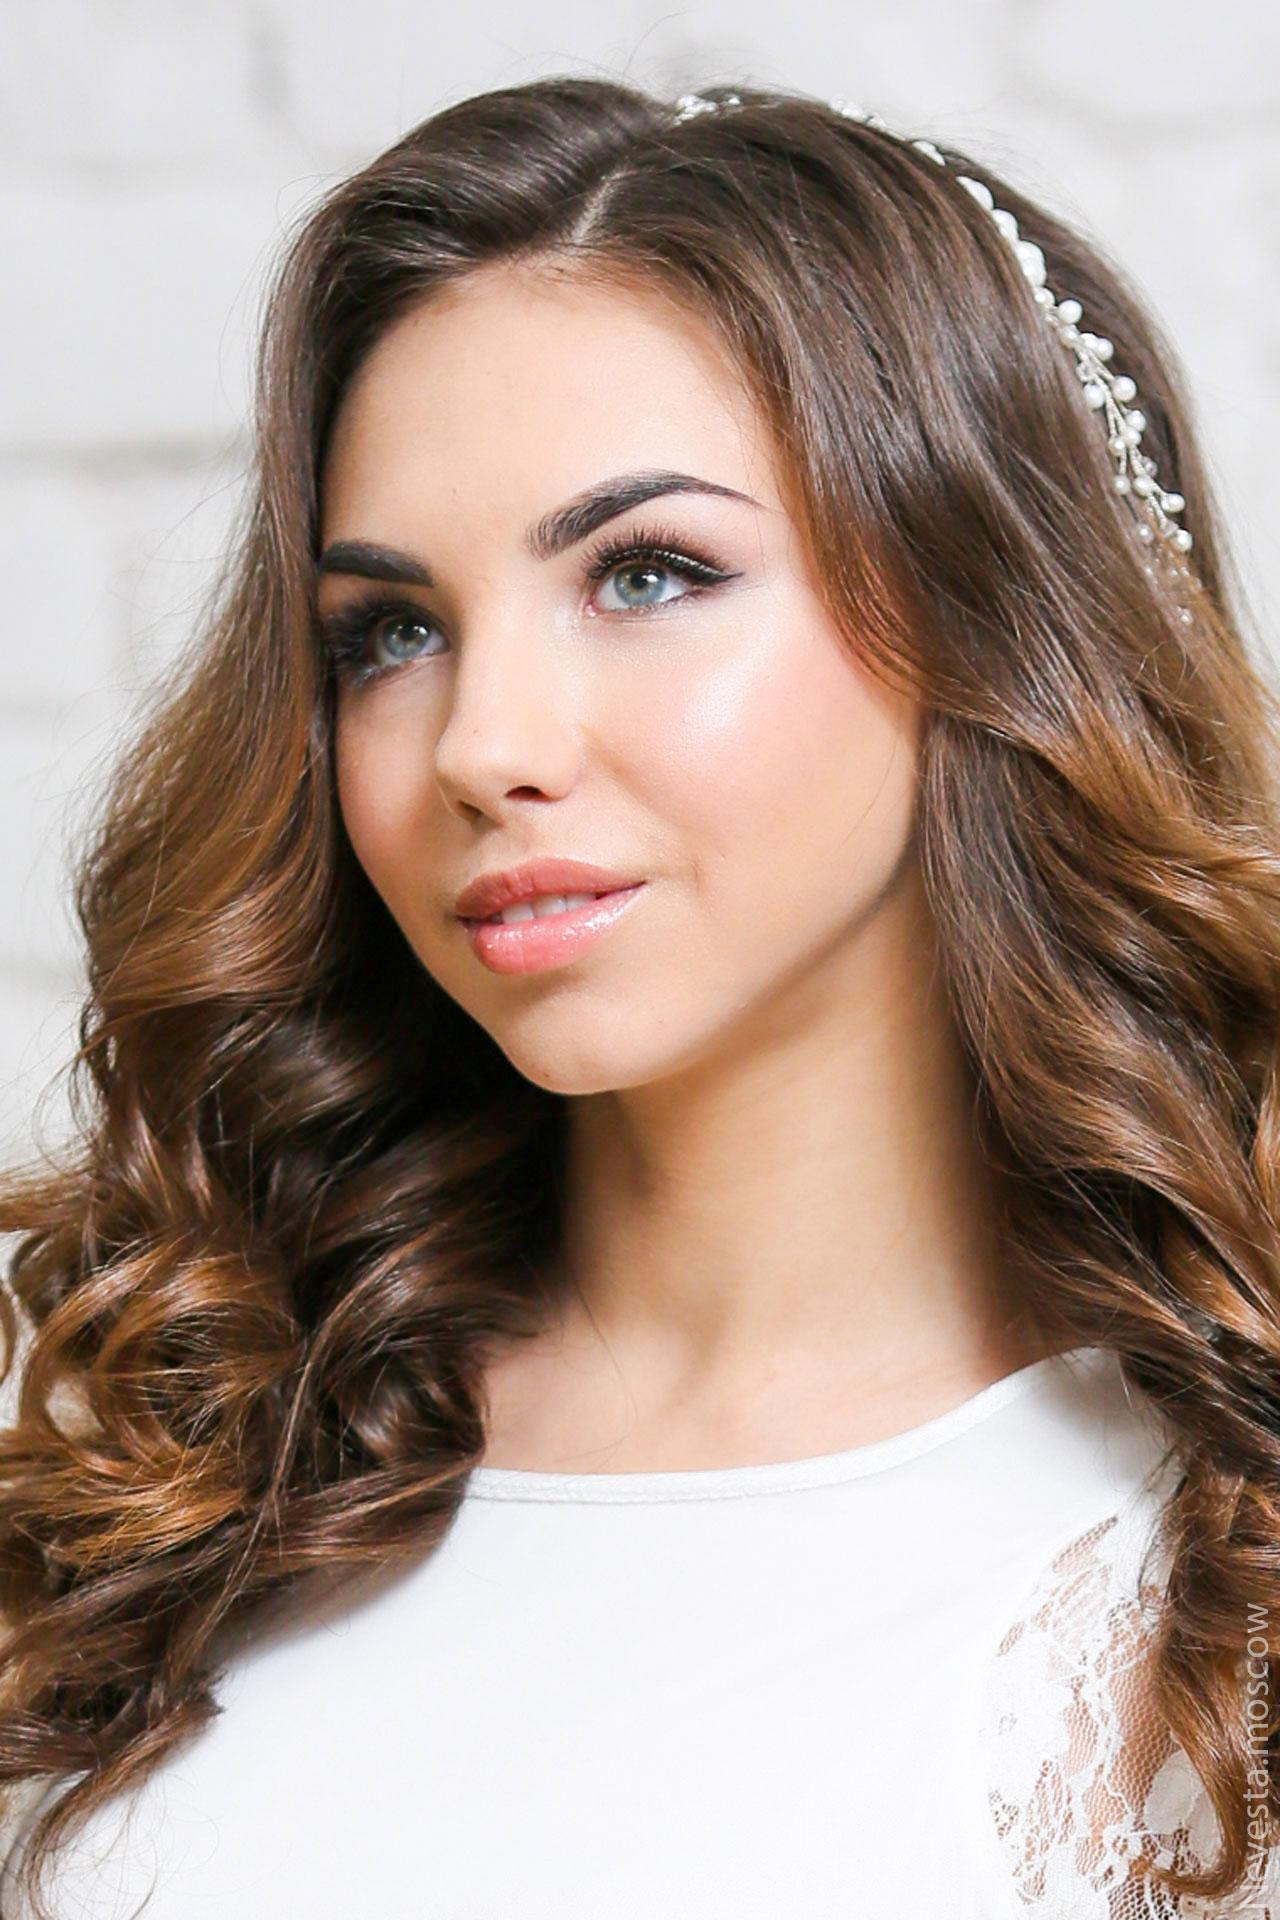 макияж невесты фото 1